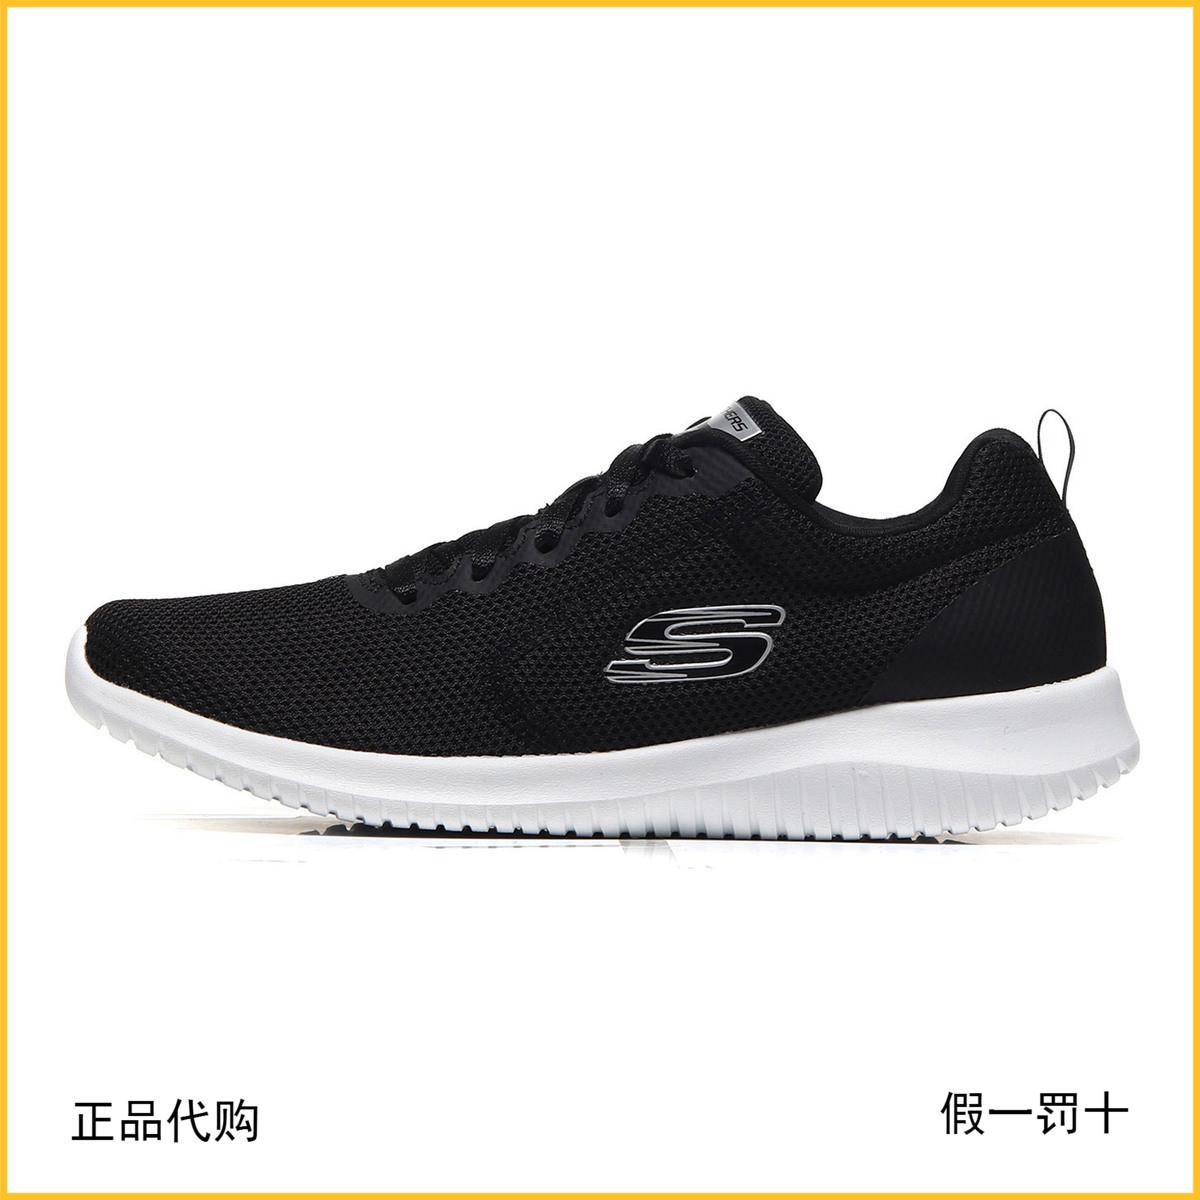 正品Skechers斯凯奇女鞋休闲鞋2018新款网布透气缓震时尚运动鞋12